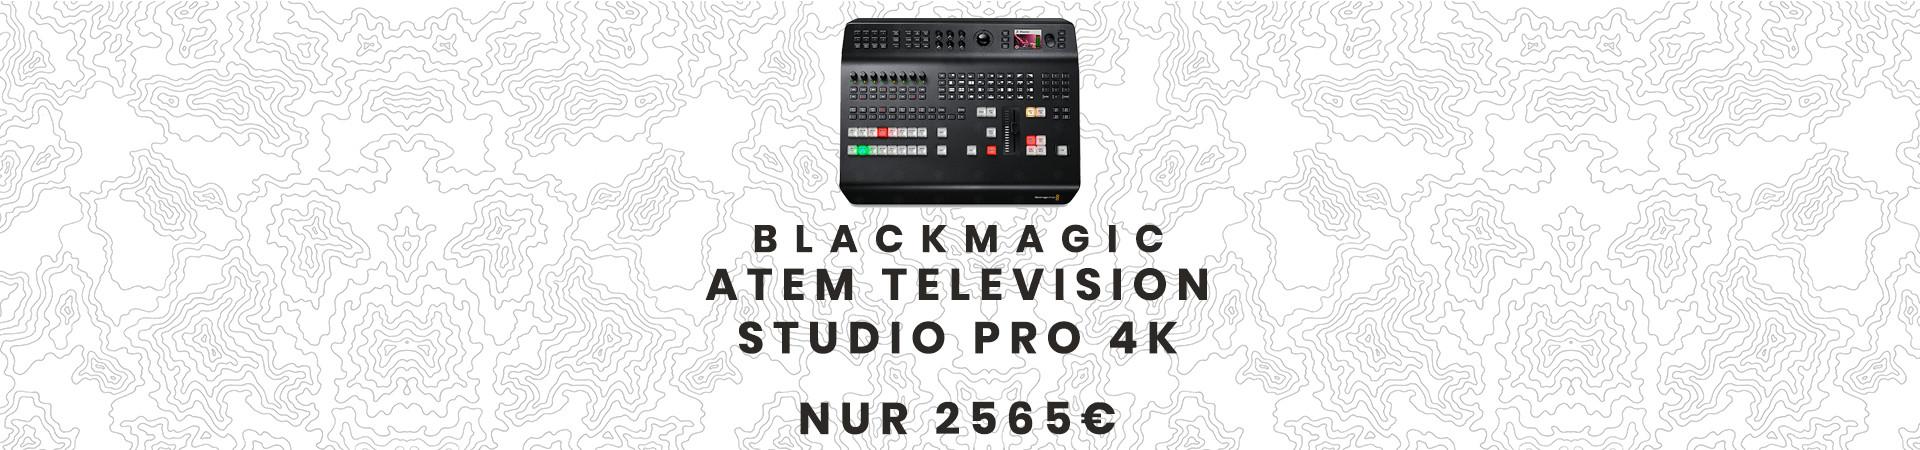 atem-studio-pro-small.jpg